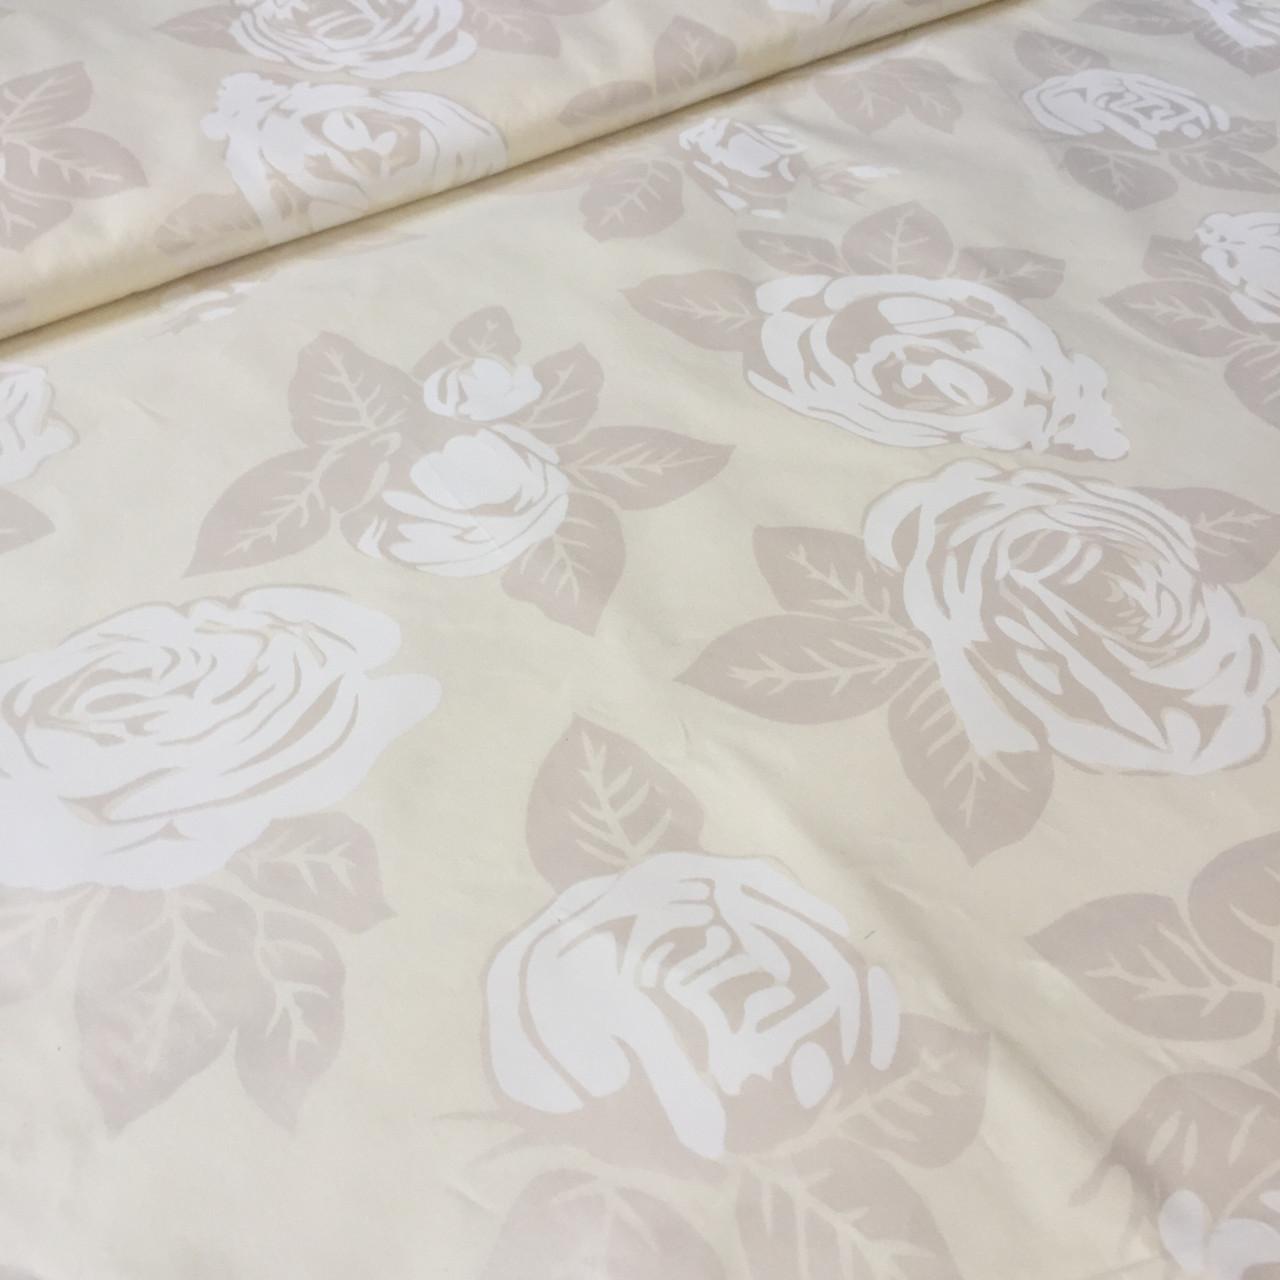 Тик ткань купить по интернету габардин ткань купить в москве в розницу недорого